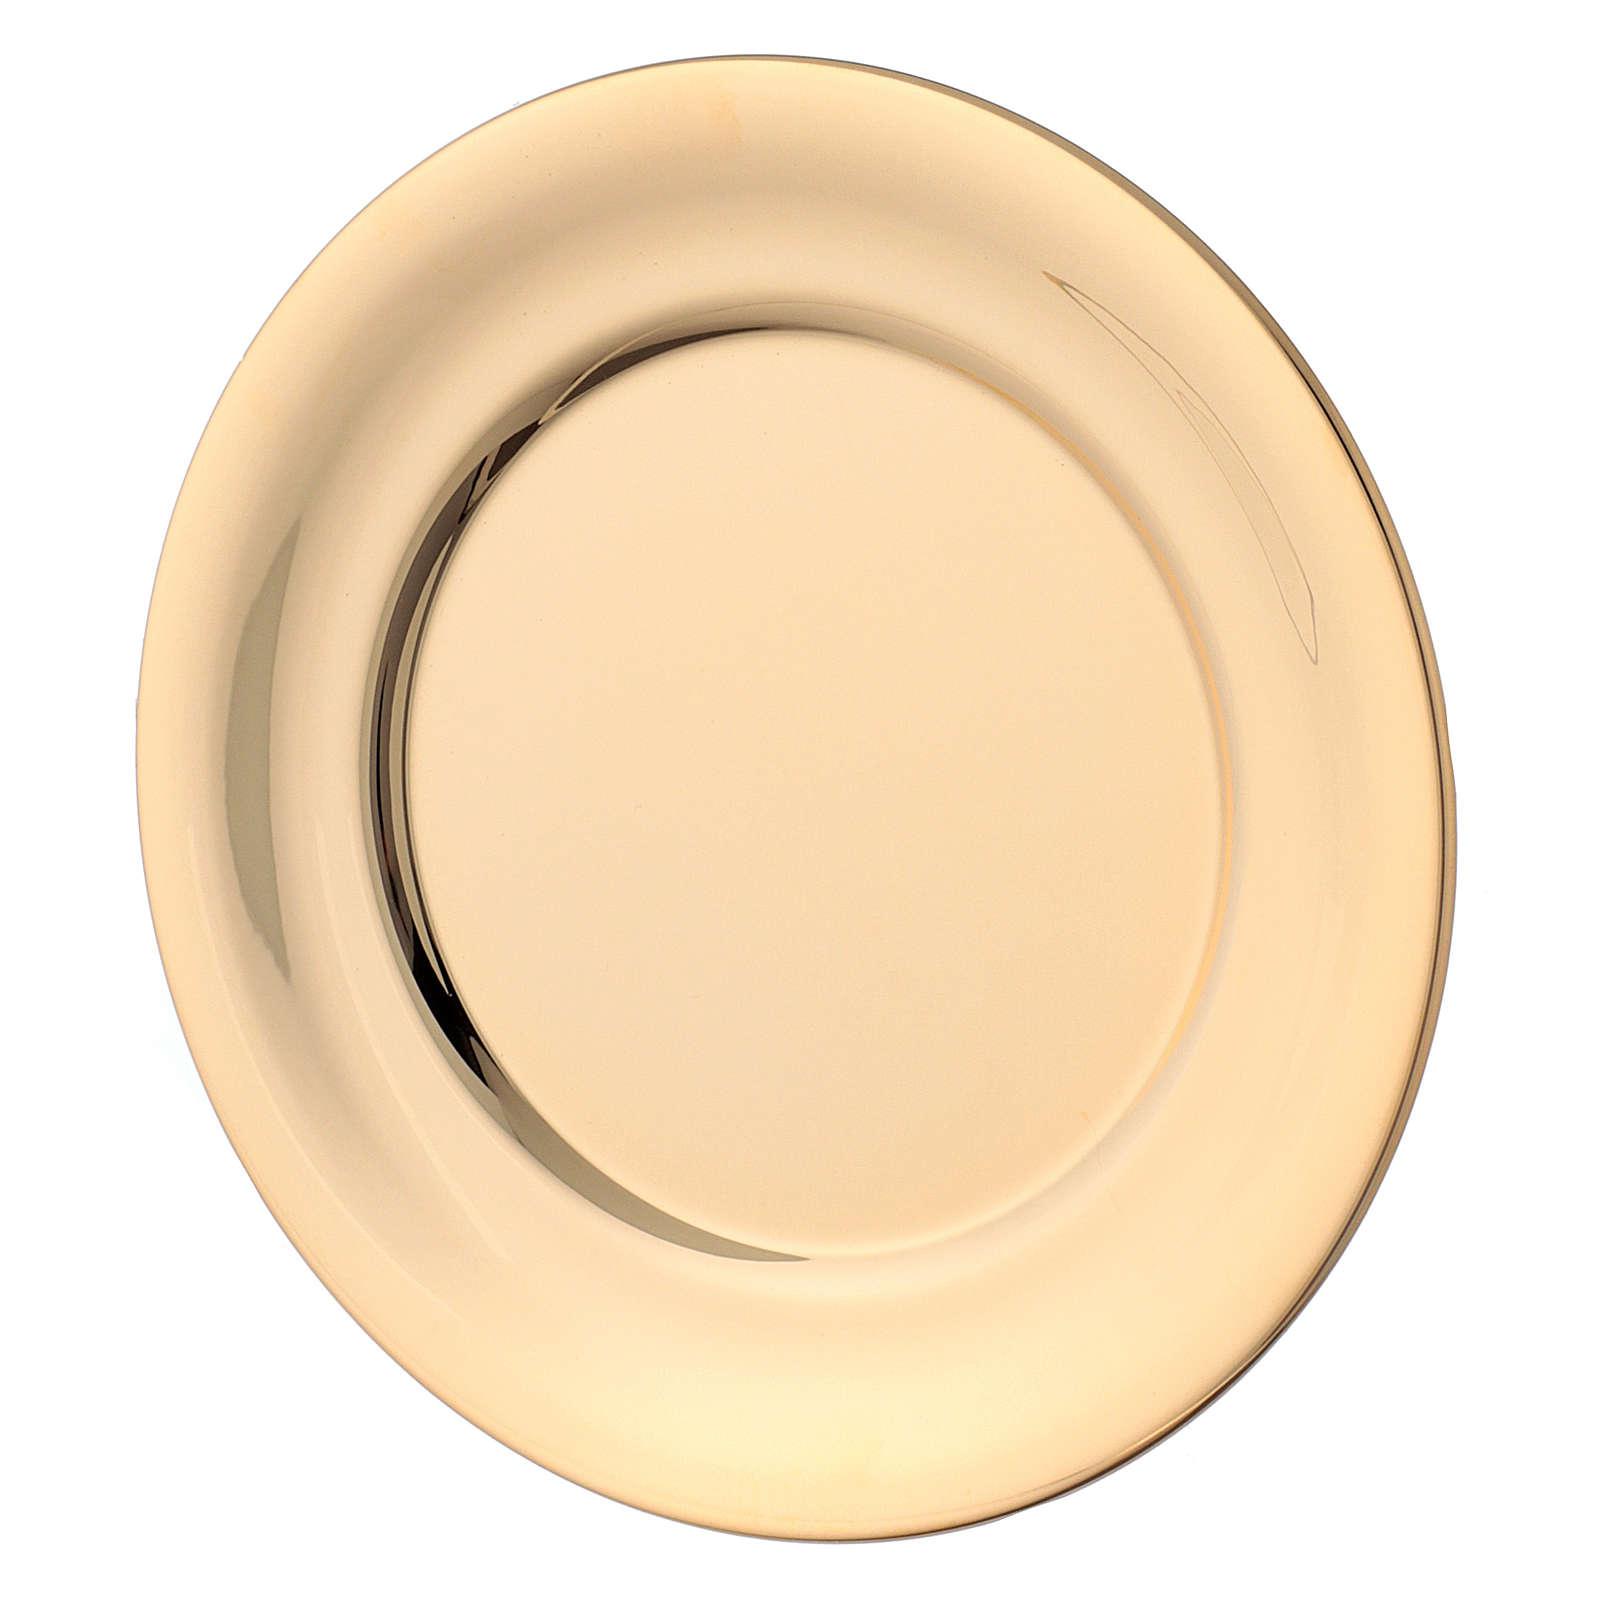 Aiguière pour lavage des mains laiton doré 3